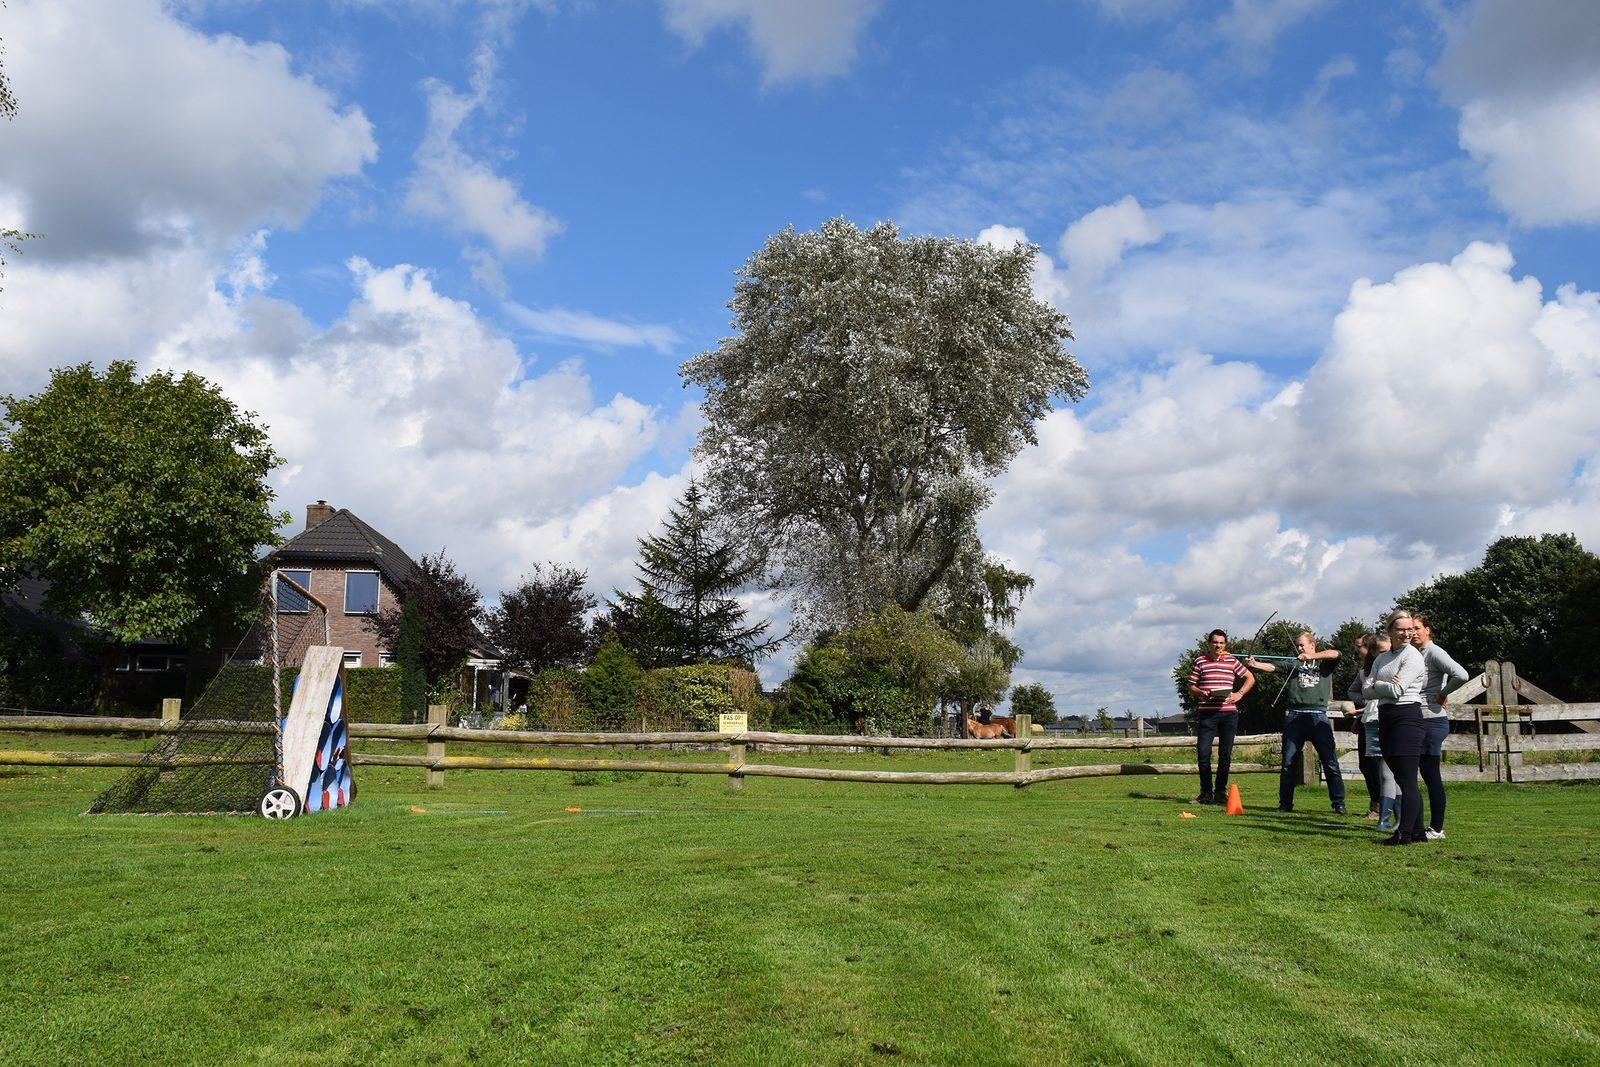 Boeren Buitenspelen gezellig met gezin en familie in Voorthuizen